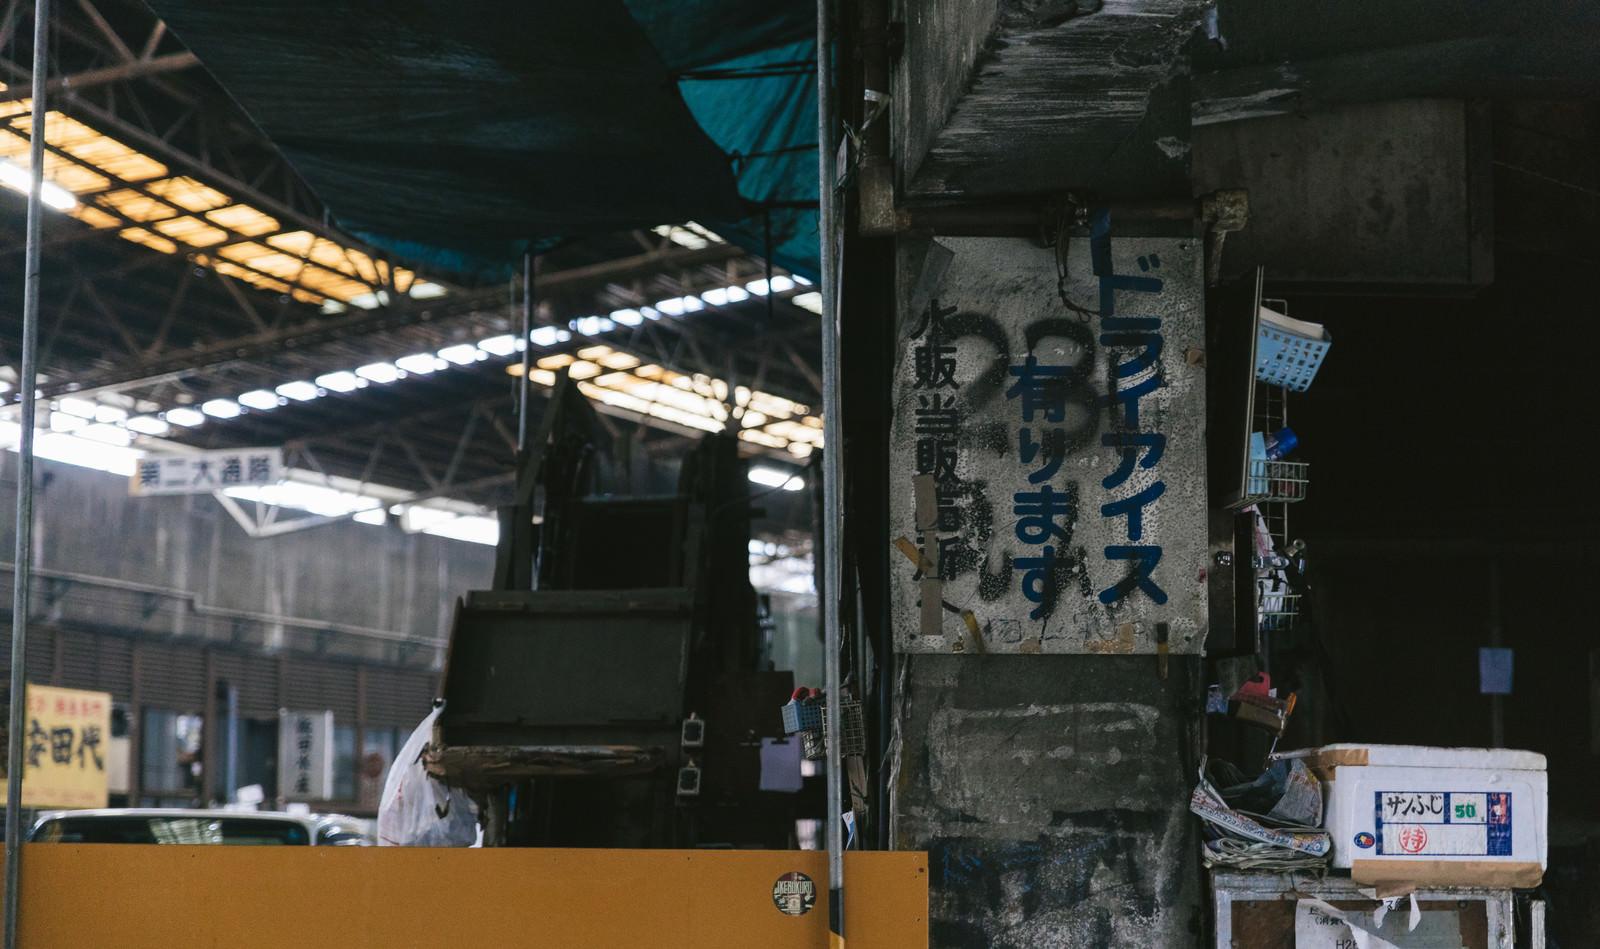 「築地市場内のぼろぼろの看板」の写真